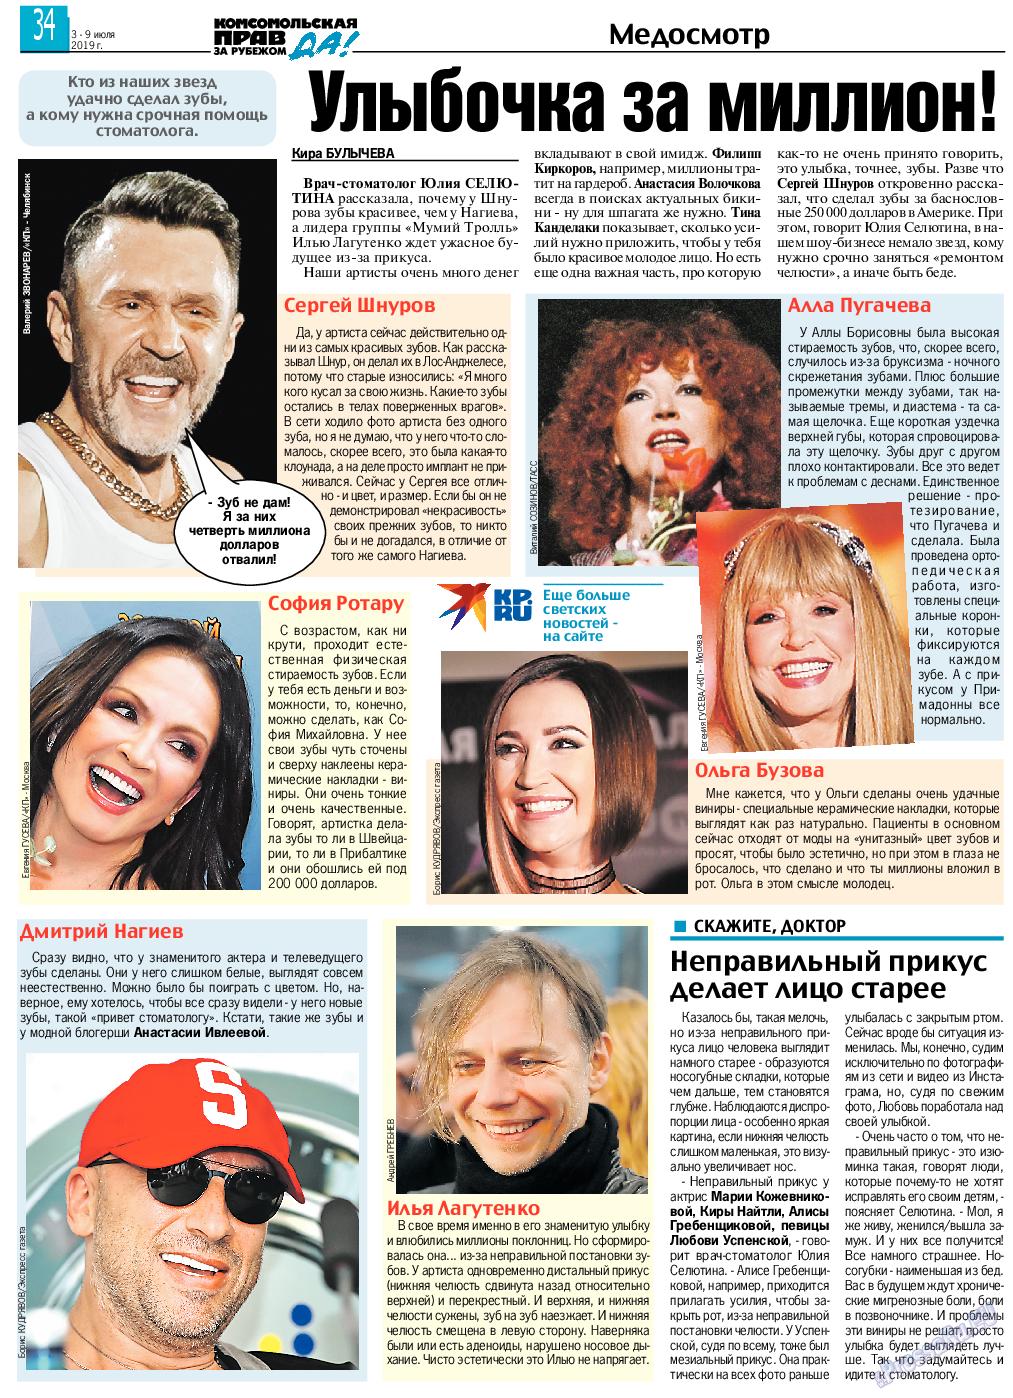 КП в Европе (газета). 2019 год, номер 27, стр. 34